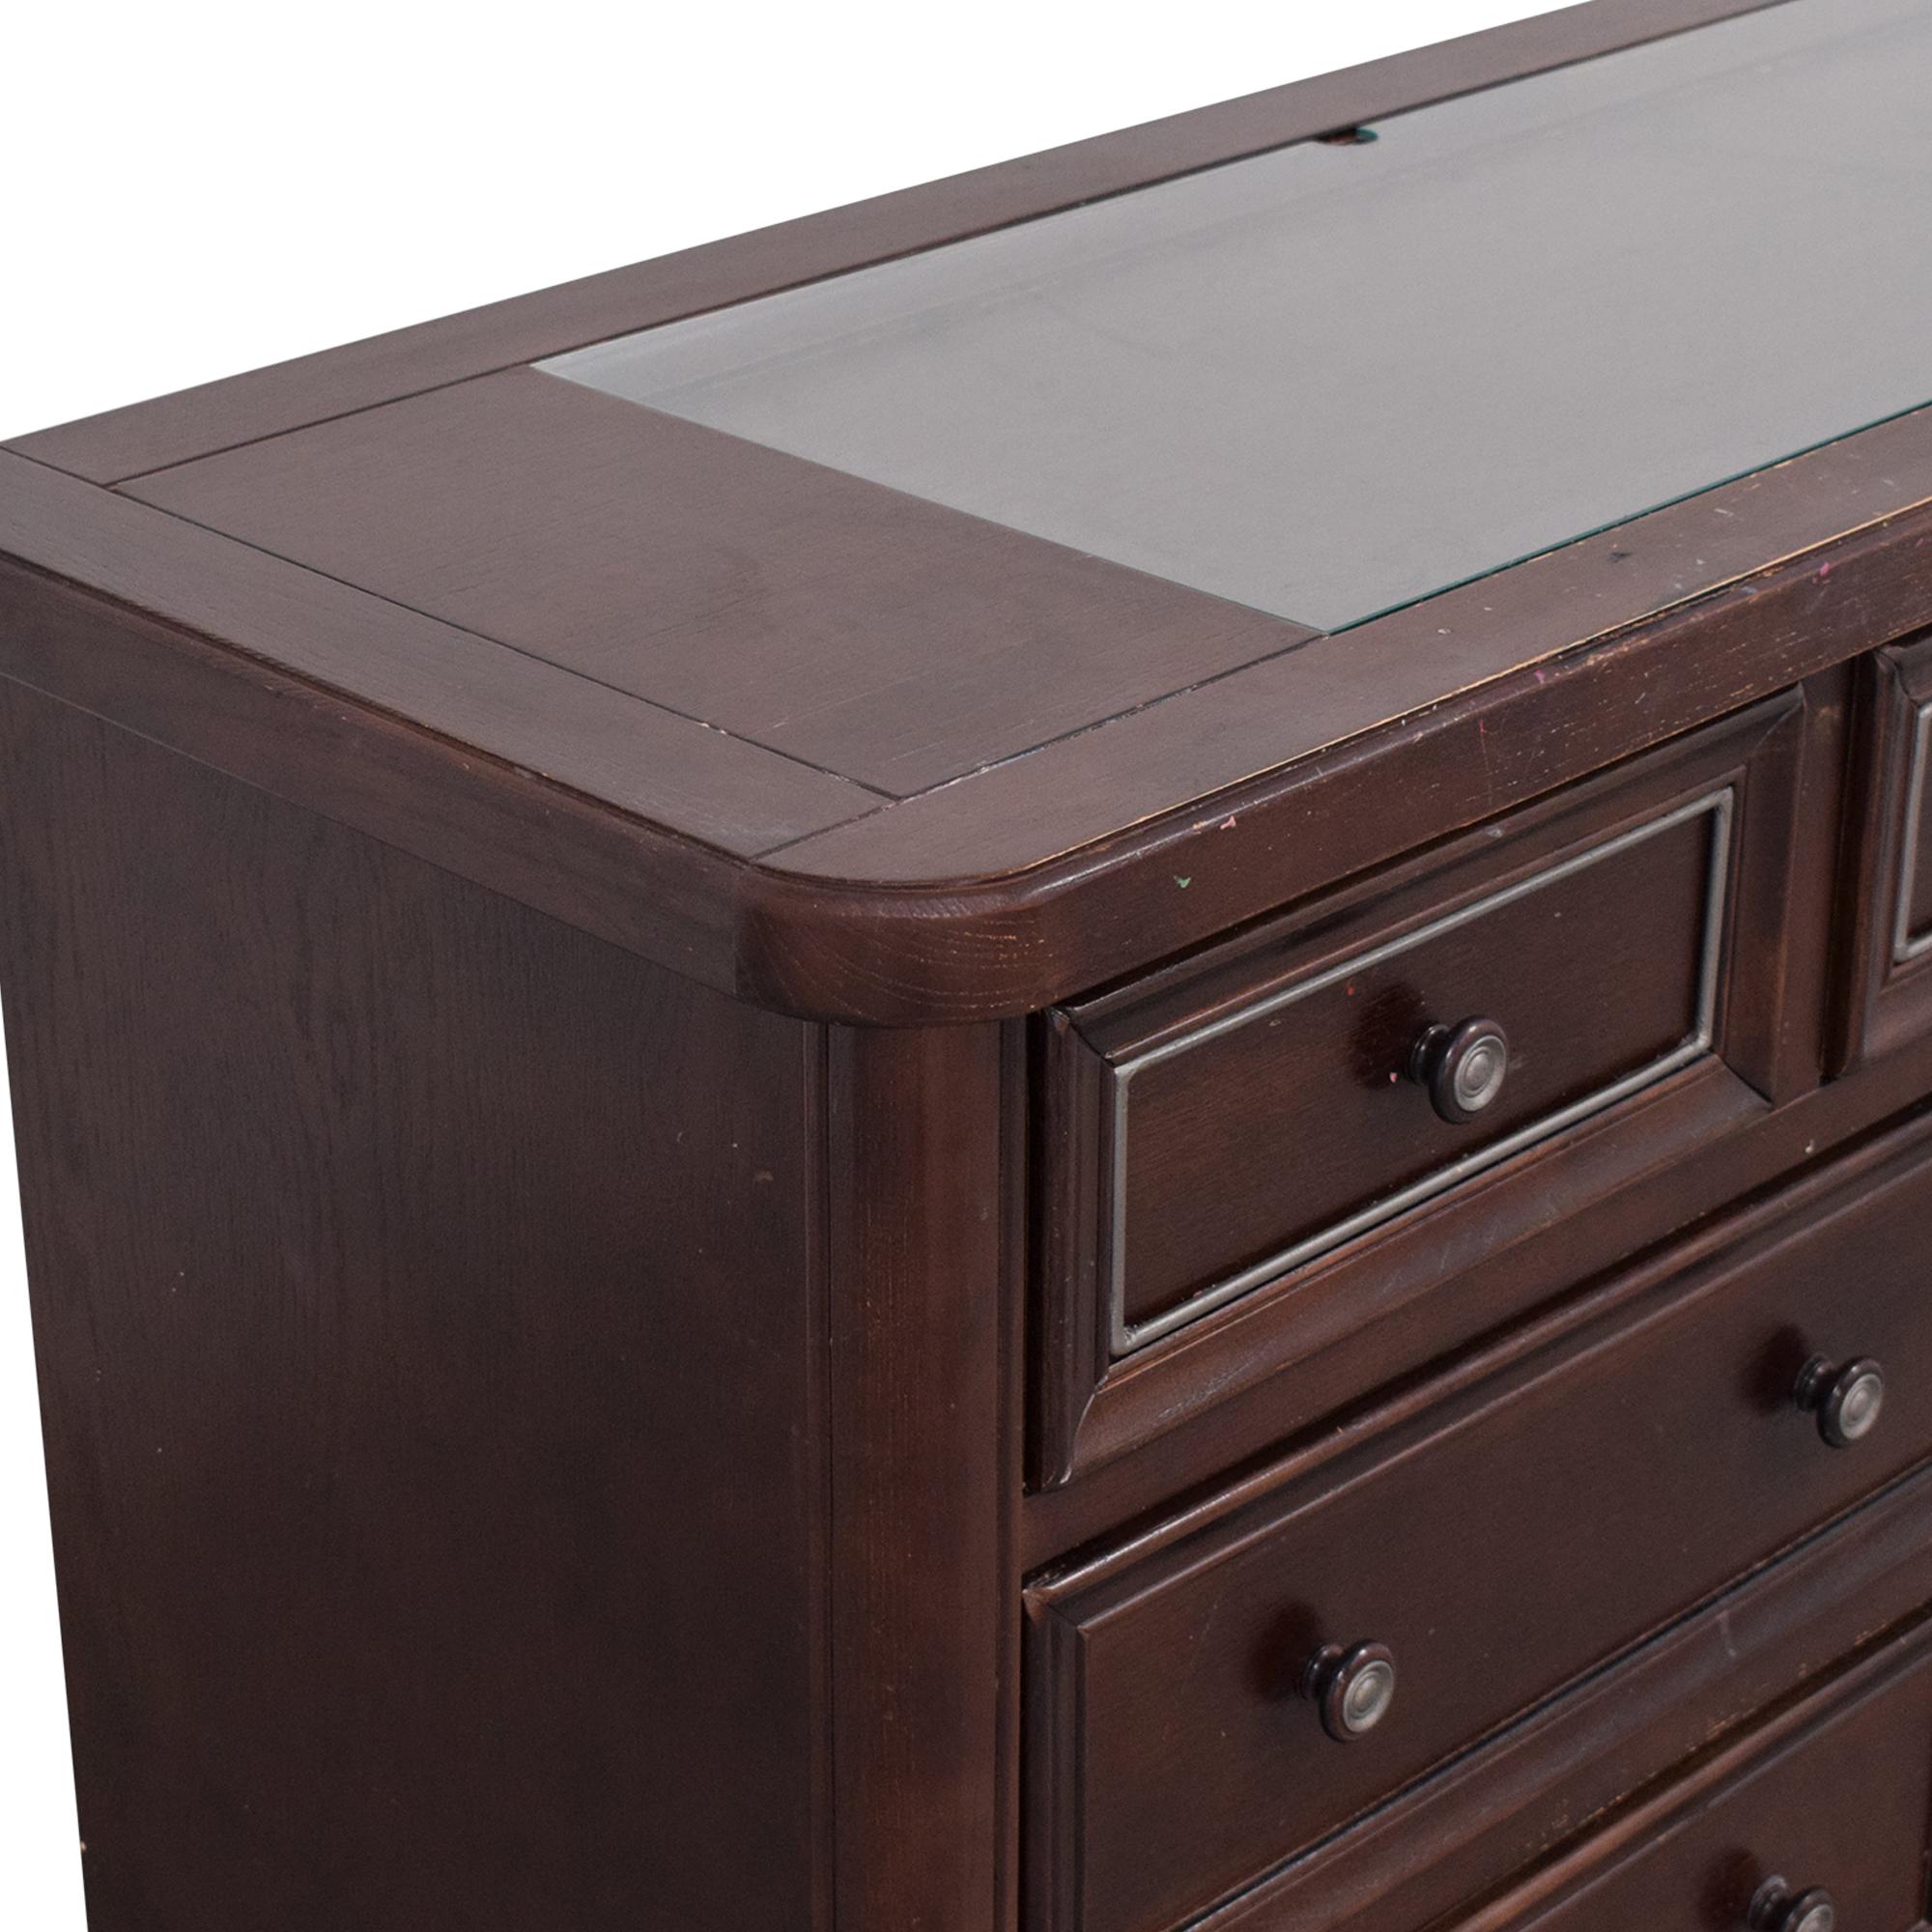 Natart Natart Juvenile Changing Table Dresser used